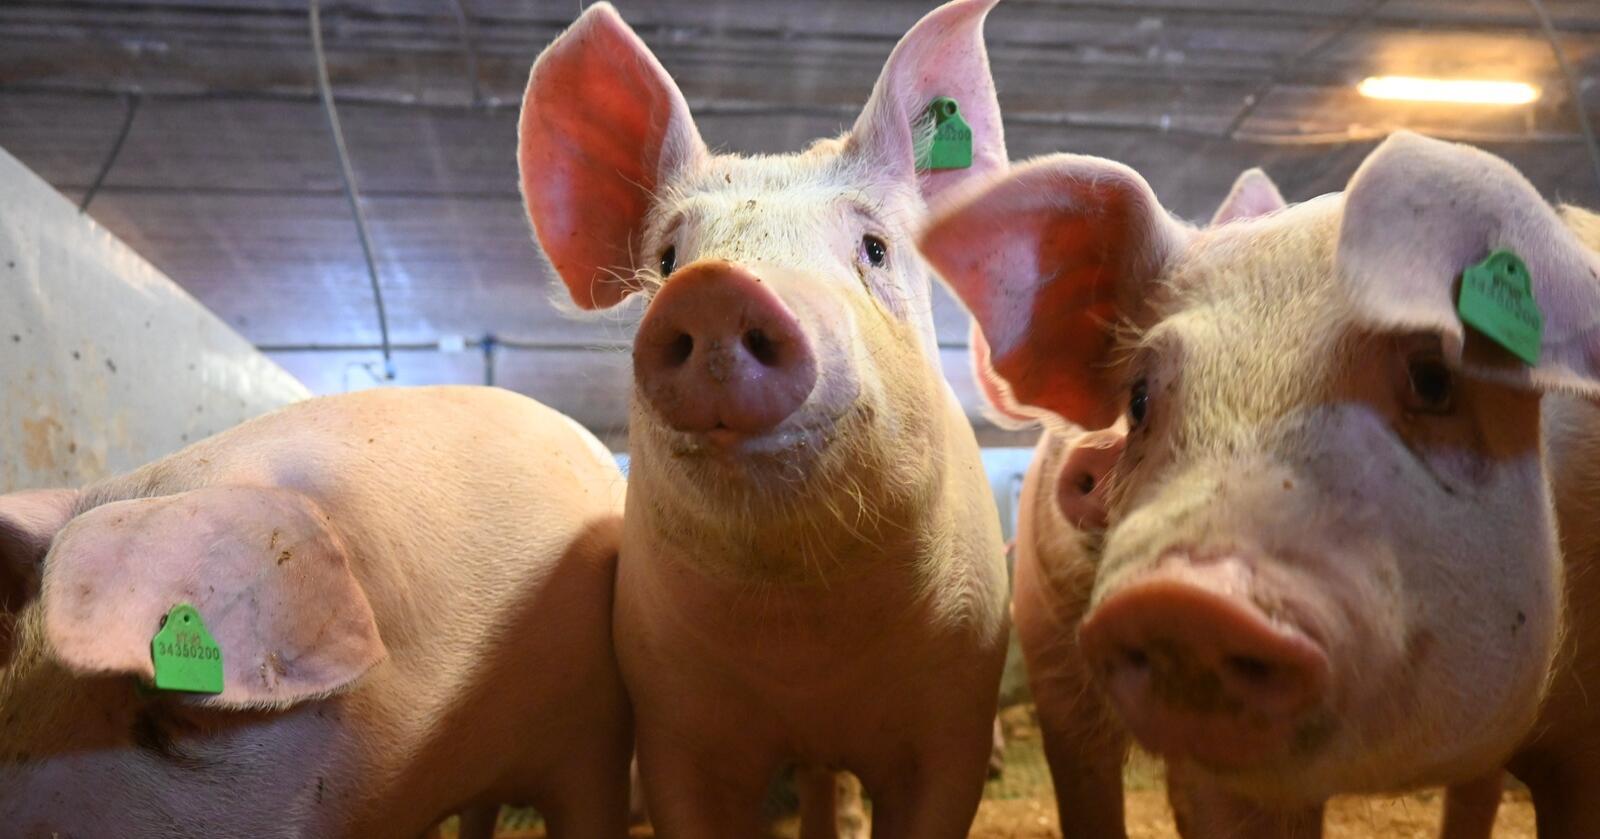 Fra målpris til volum: I årets tilbud foreslår staten å overføre svinekjøtt fra målprismodellen til volummodellen. Endringen vil ha virkning fra 1. juli i år. (Foto: Marit Glærum)